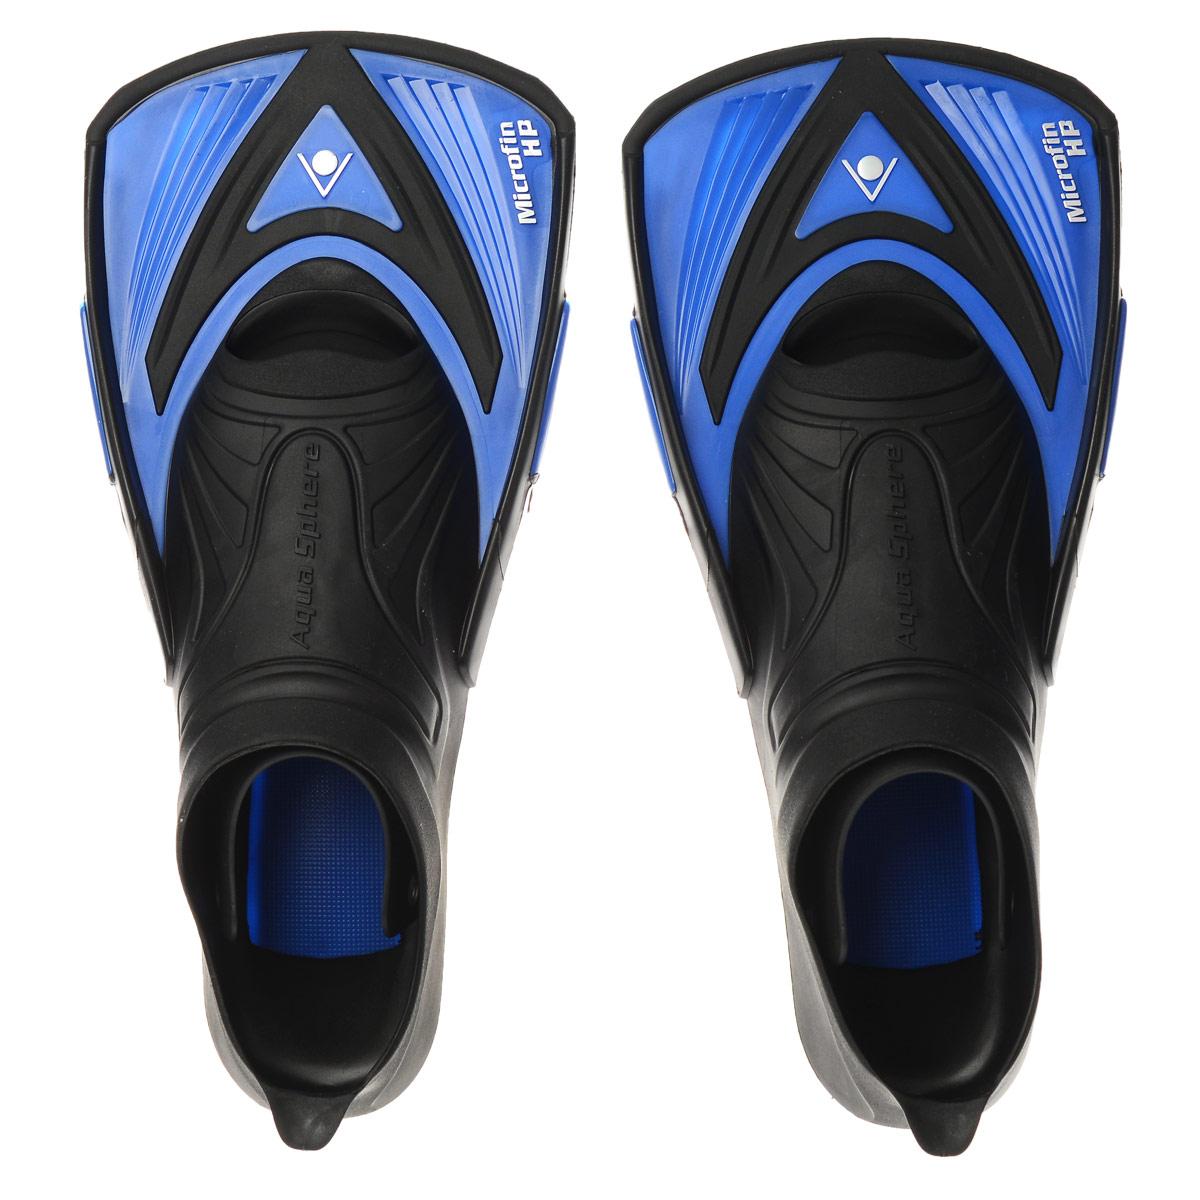 Ласты тренировочные Aqua Sphere Microfin HP, цвет: синий. Размер 46/47TN 221430 (205420)Aqua Sphere Microfin HP - это ласты для энергичной манеры плавания, предназначенные для серьезных спортивных тренировок. Уникальный дизайн ласт обеспечивает достаточное сопротивление воды для силовых тренировок и поддерживает ноги близко к поверхности воды - таким образом, пловец занимает правильное положение, гарантирующее максимальную обтекаемость. Особенности: Галоша с закрытой пяткой выполнена из прочного термопластика. Короткие лопасти удерживают ноги пловца близко к поверхности воды. Позволяют развивать силу мышц и поддерживать их в тонусе, одновременно совершенствуя технику плавания.